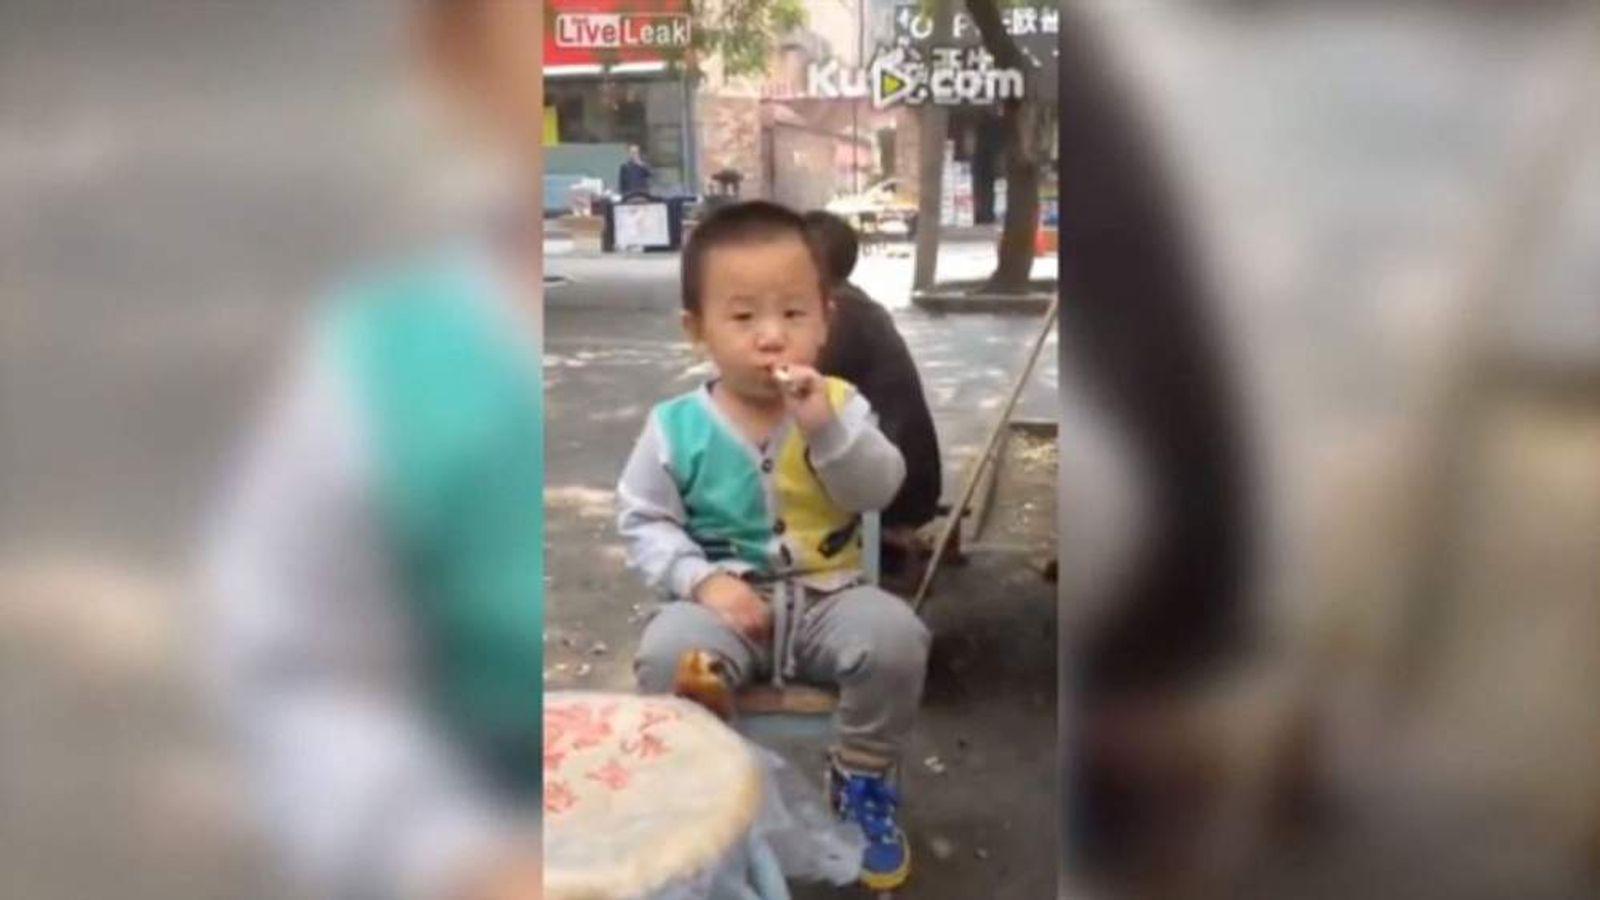 Smoking toddler (LiveLeak)